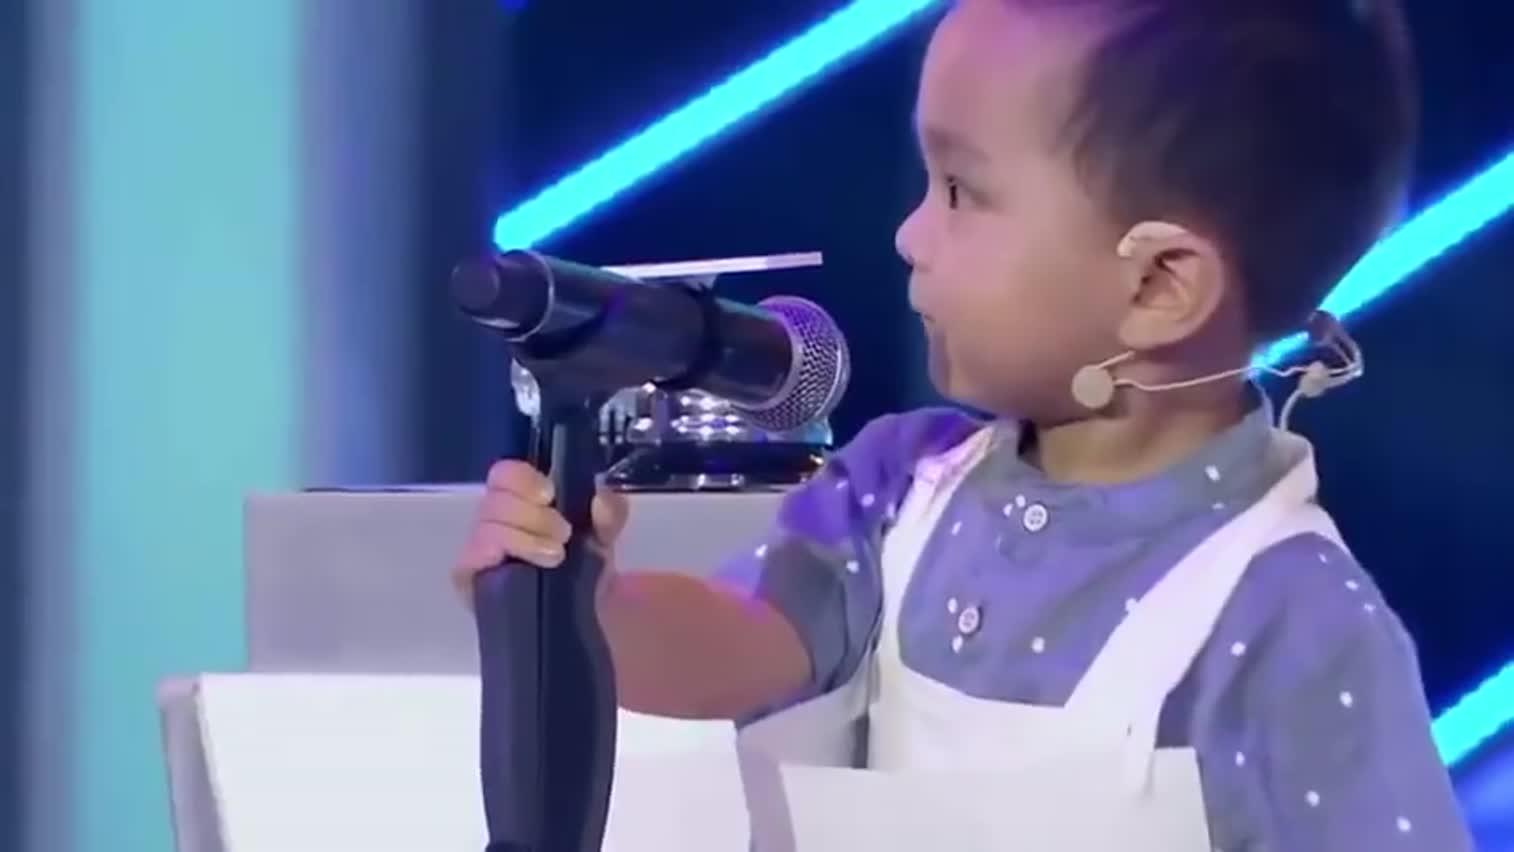 知道什么是神童吗?请看L三岁小神童王恒屹挑战听歌识曲, 震惊主持人